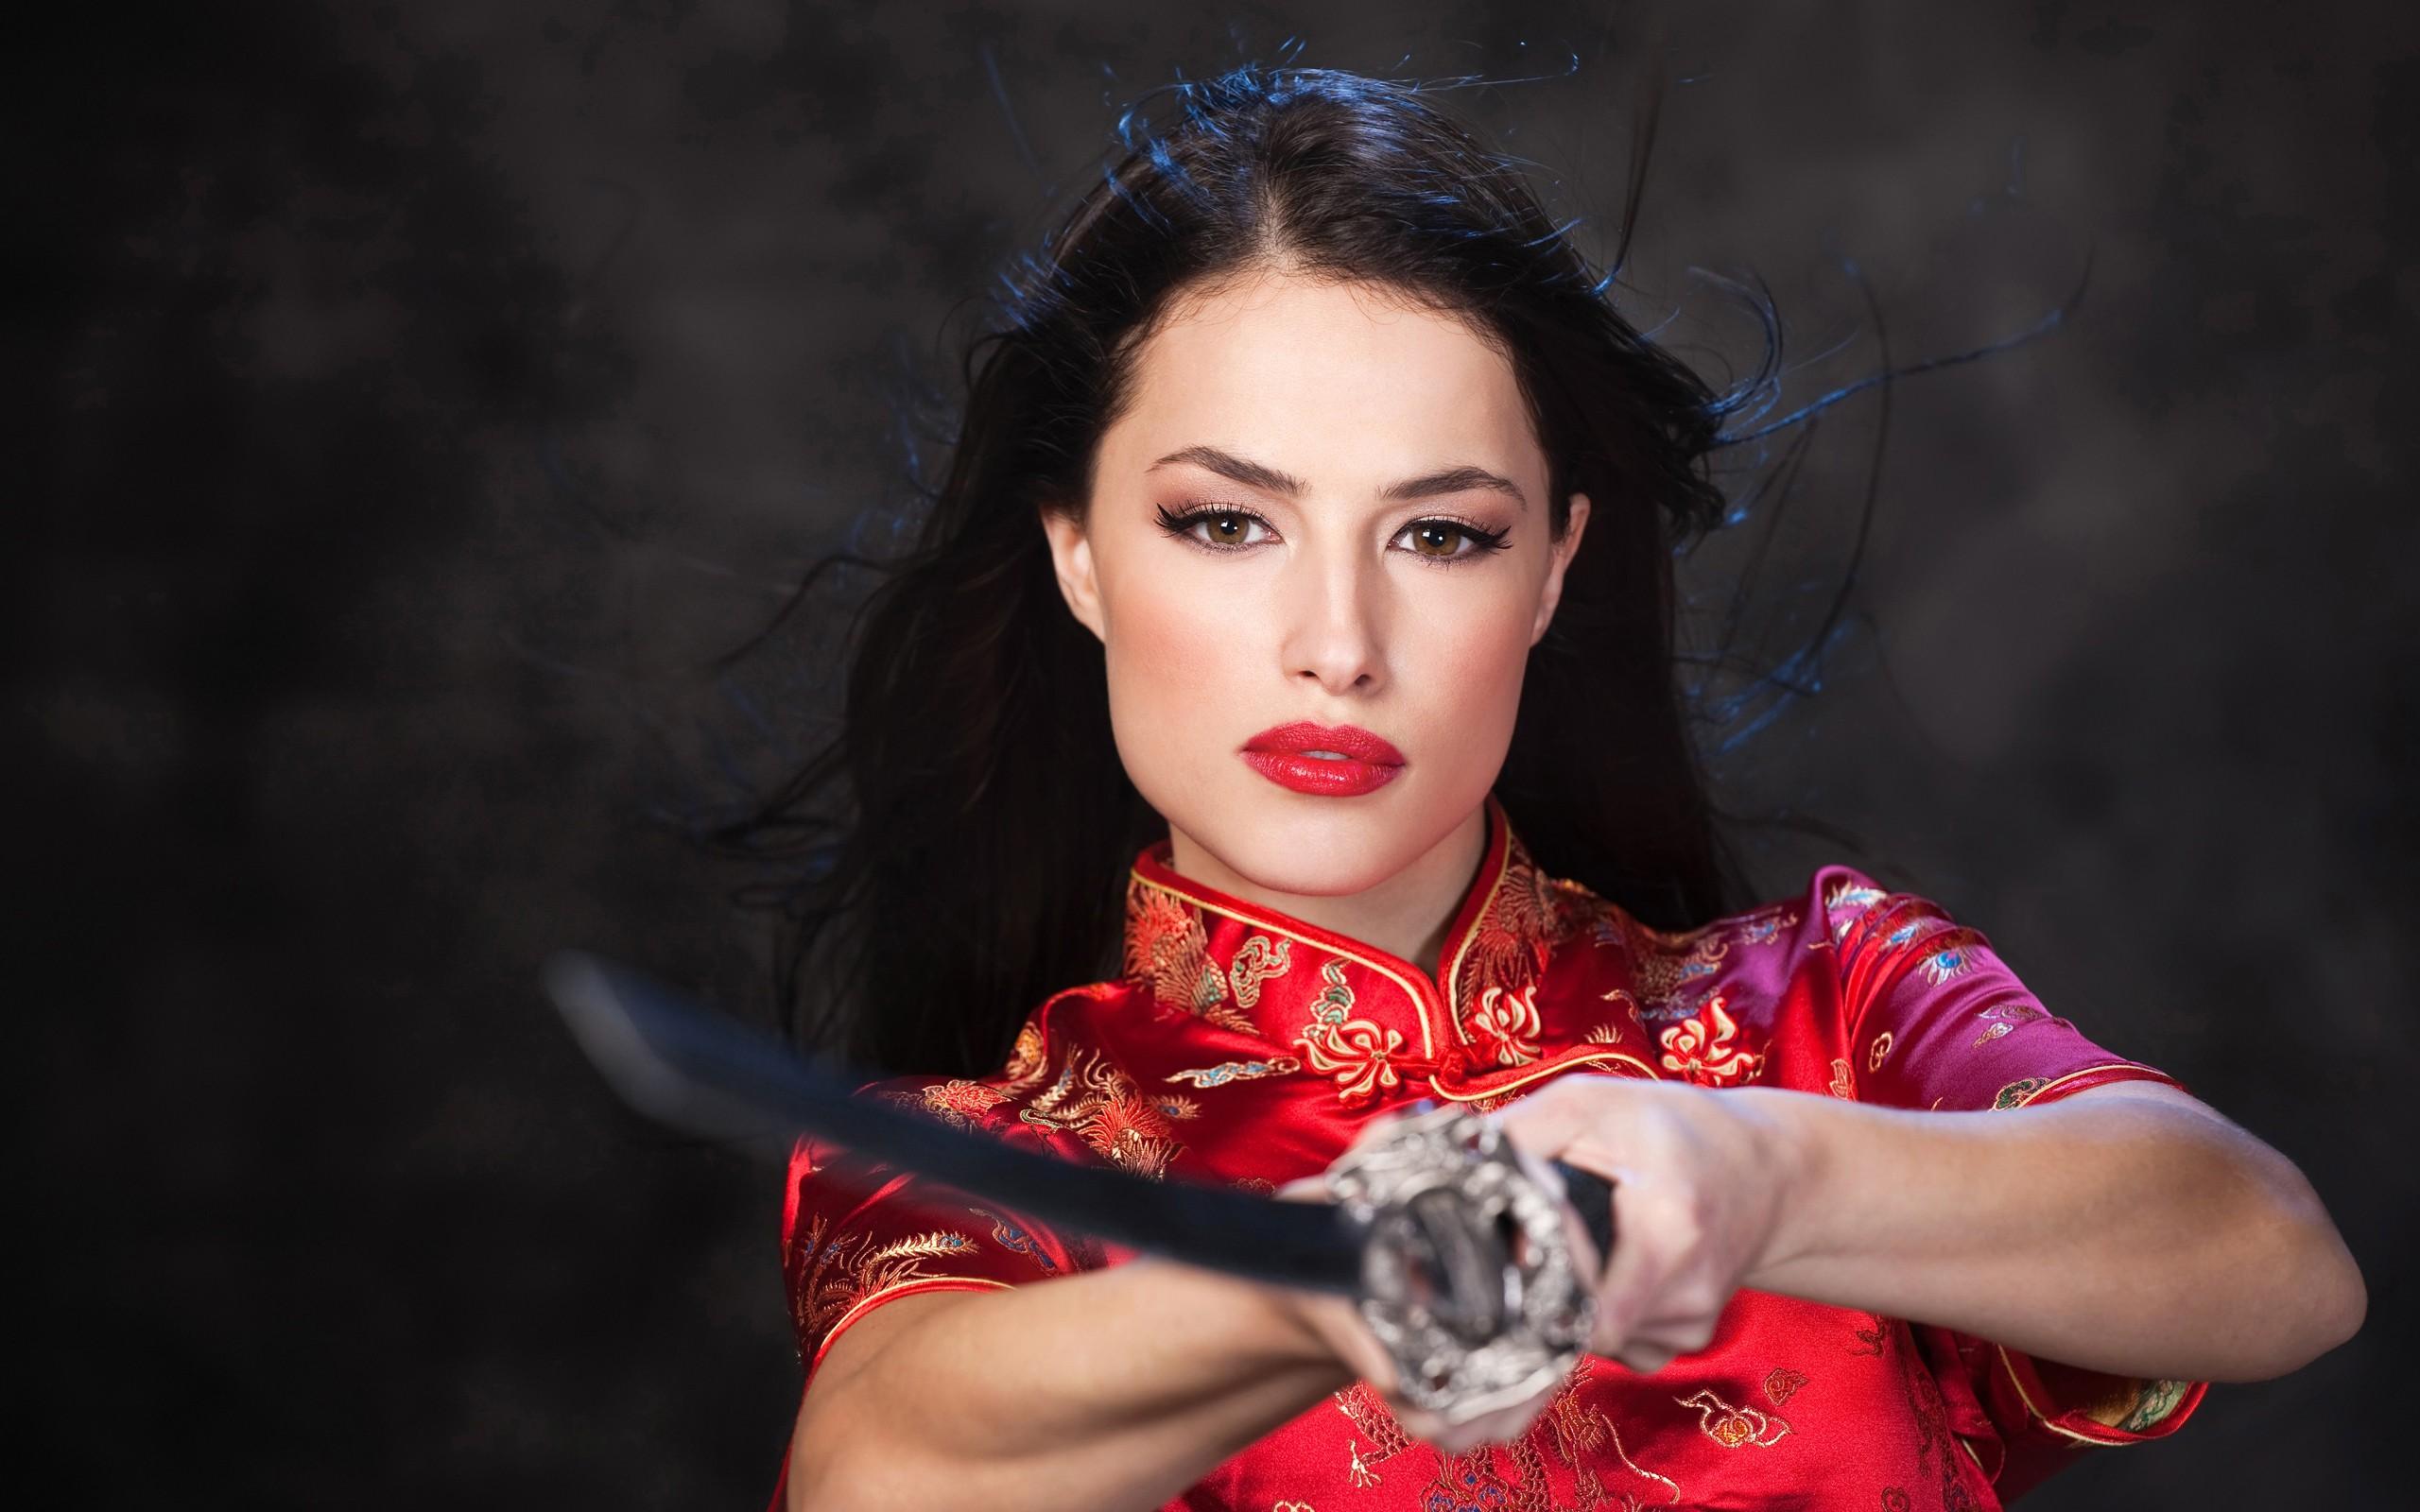 Chica Samurai con Katana - 2560x1600